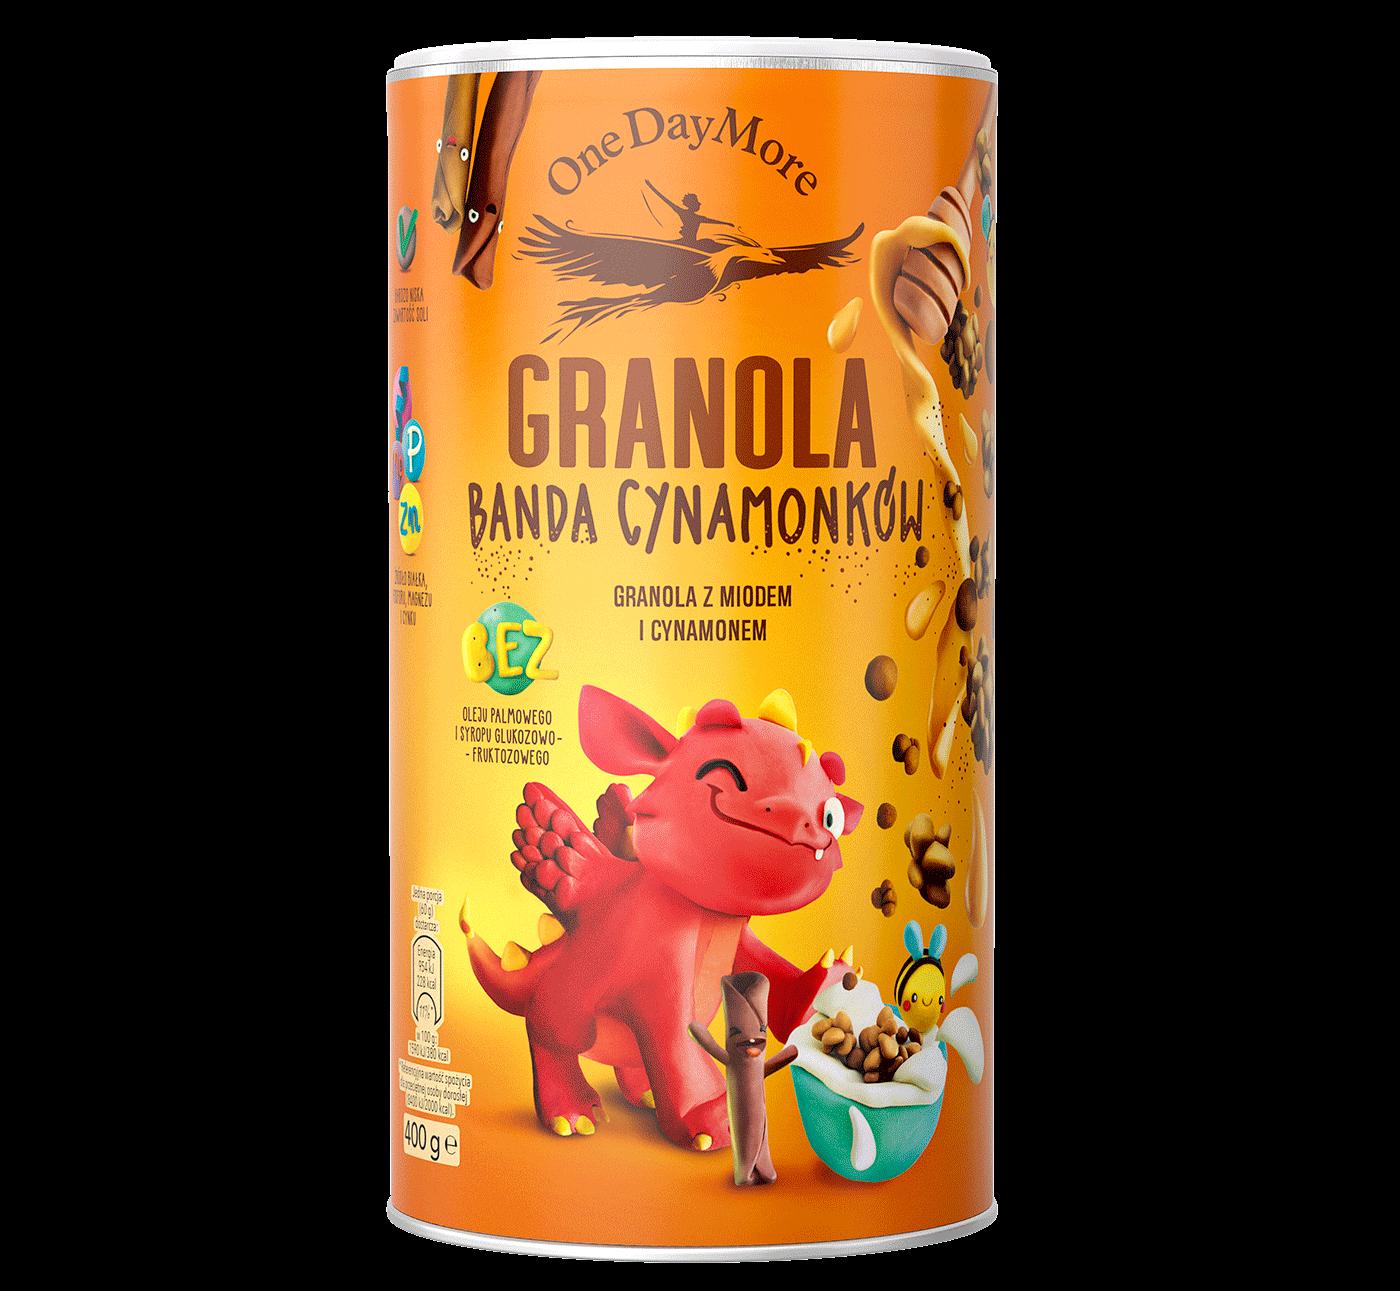 granola-banda-cynamonkow-onedaymore-tuba-front_1400x1291